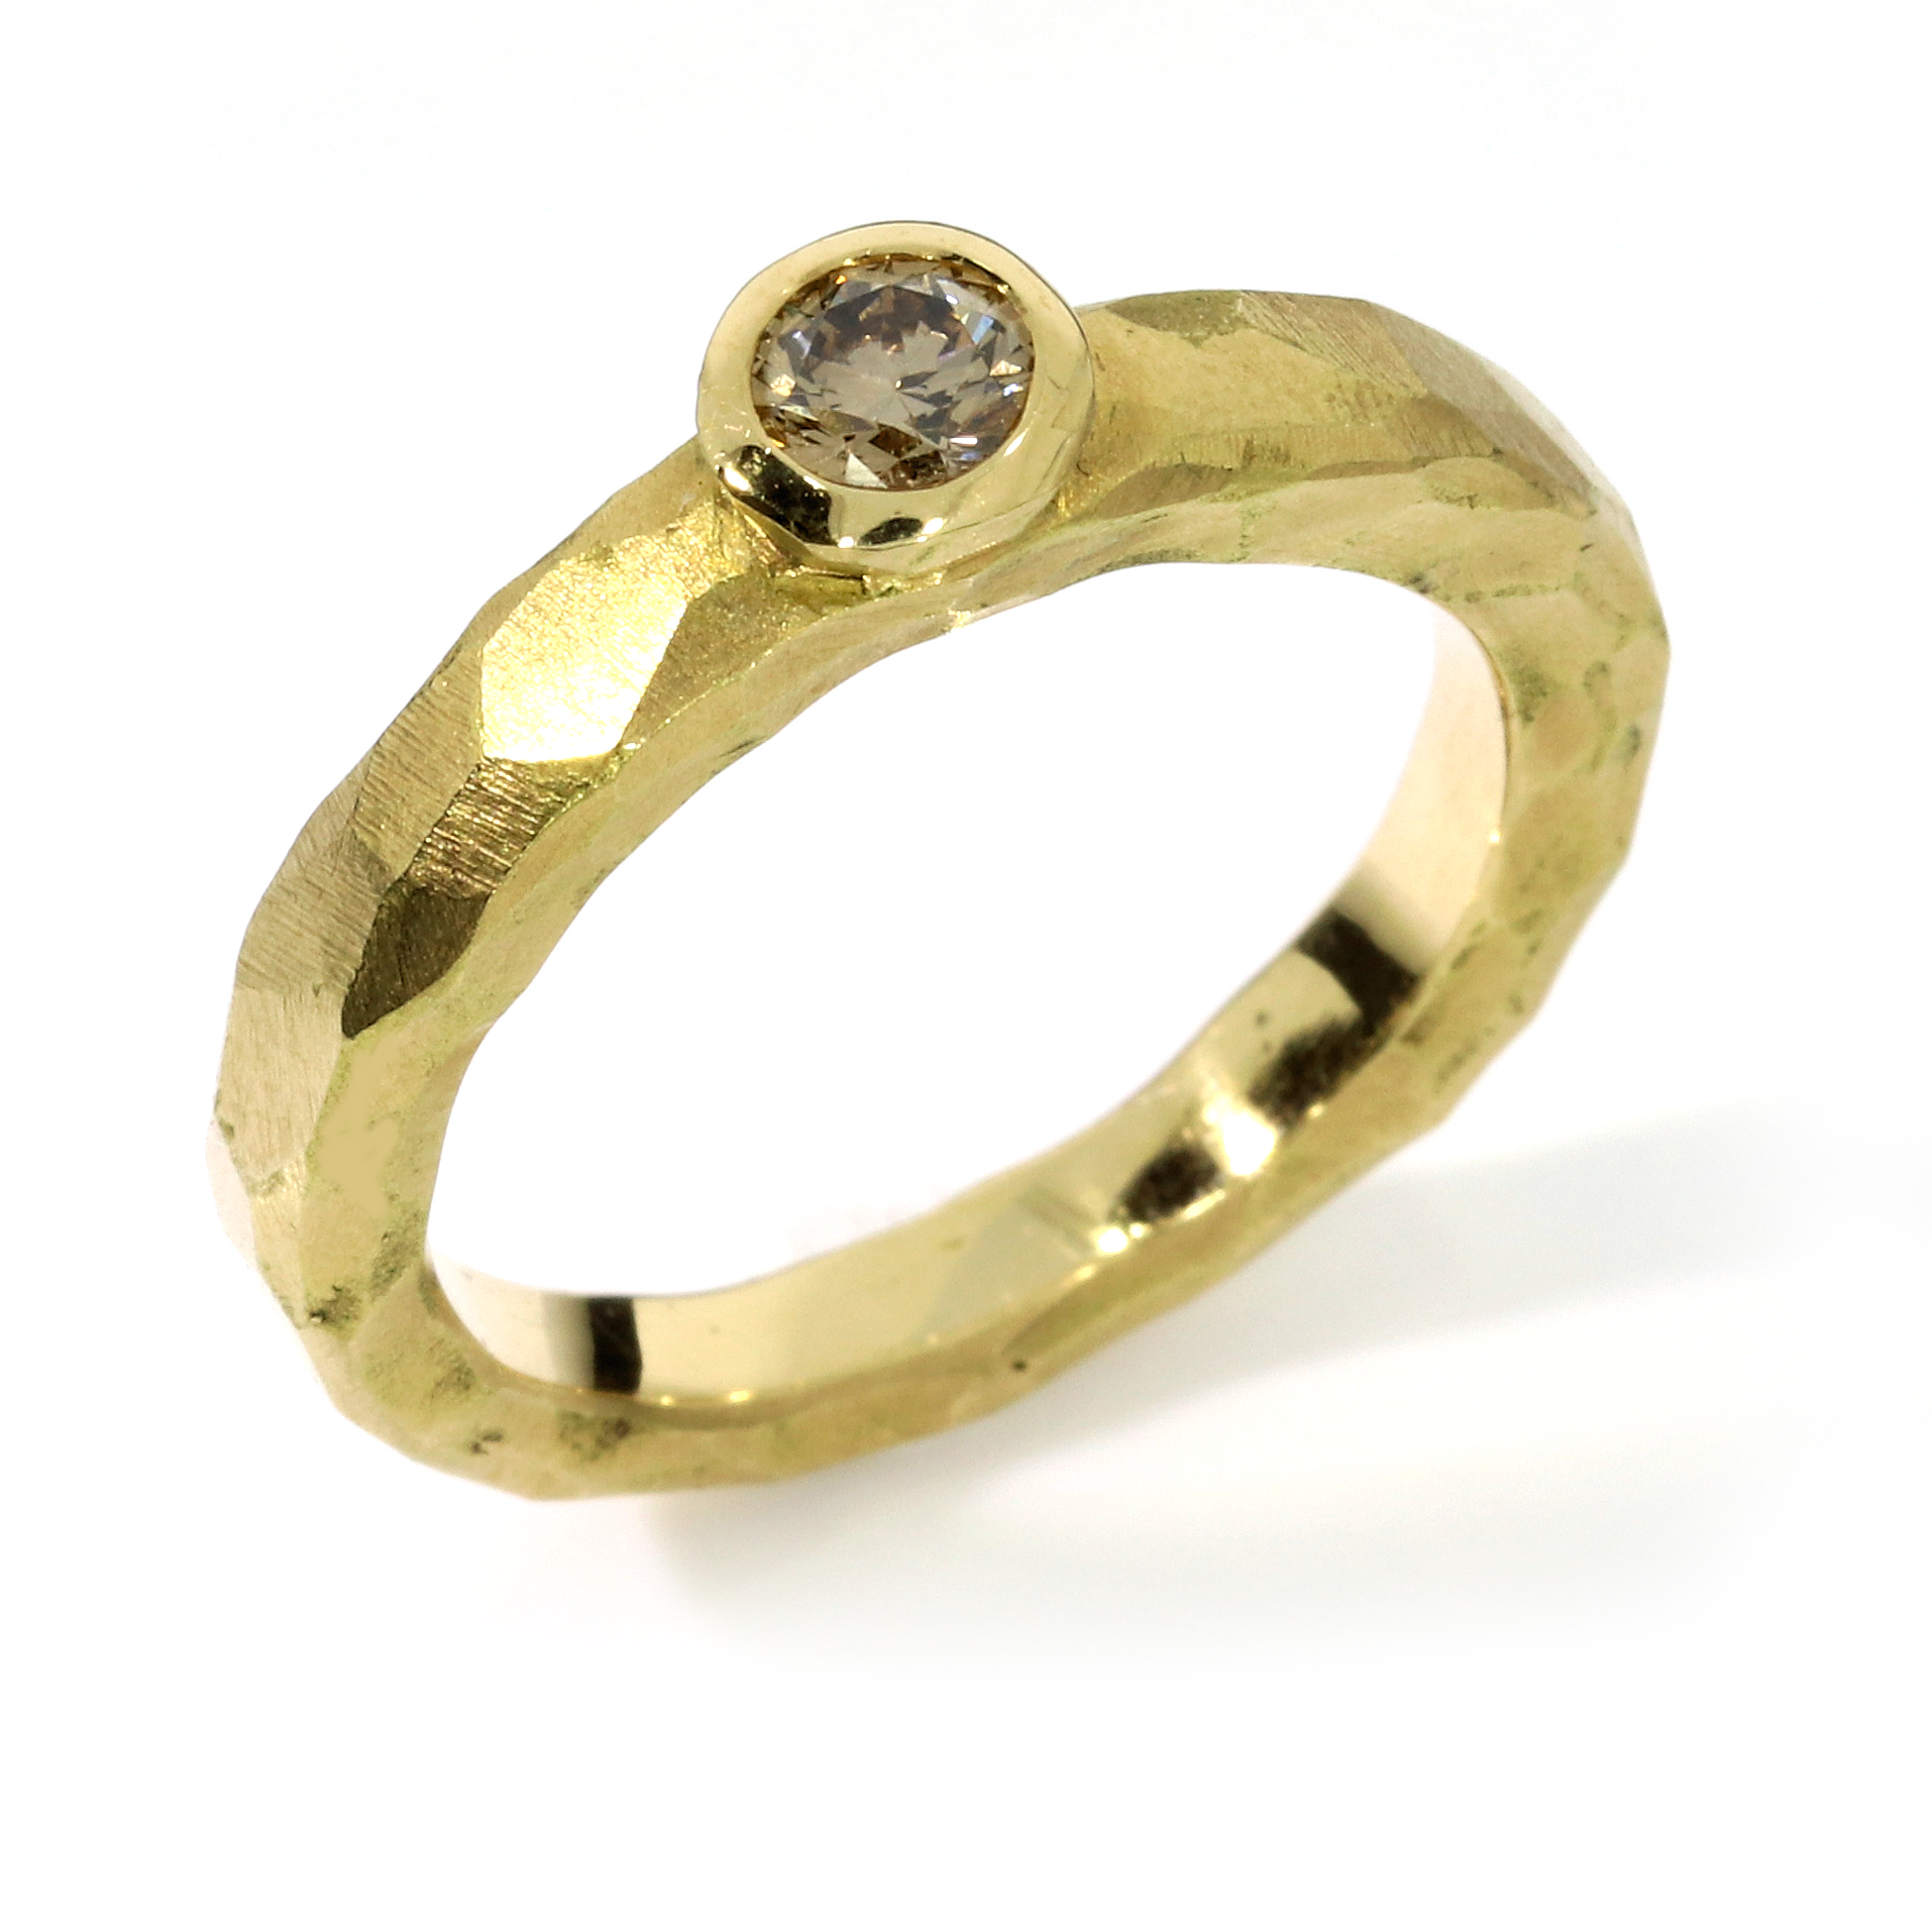 Verlobungsring Fairtrade Gelbgold weisser Brillant Australien (251120)